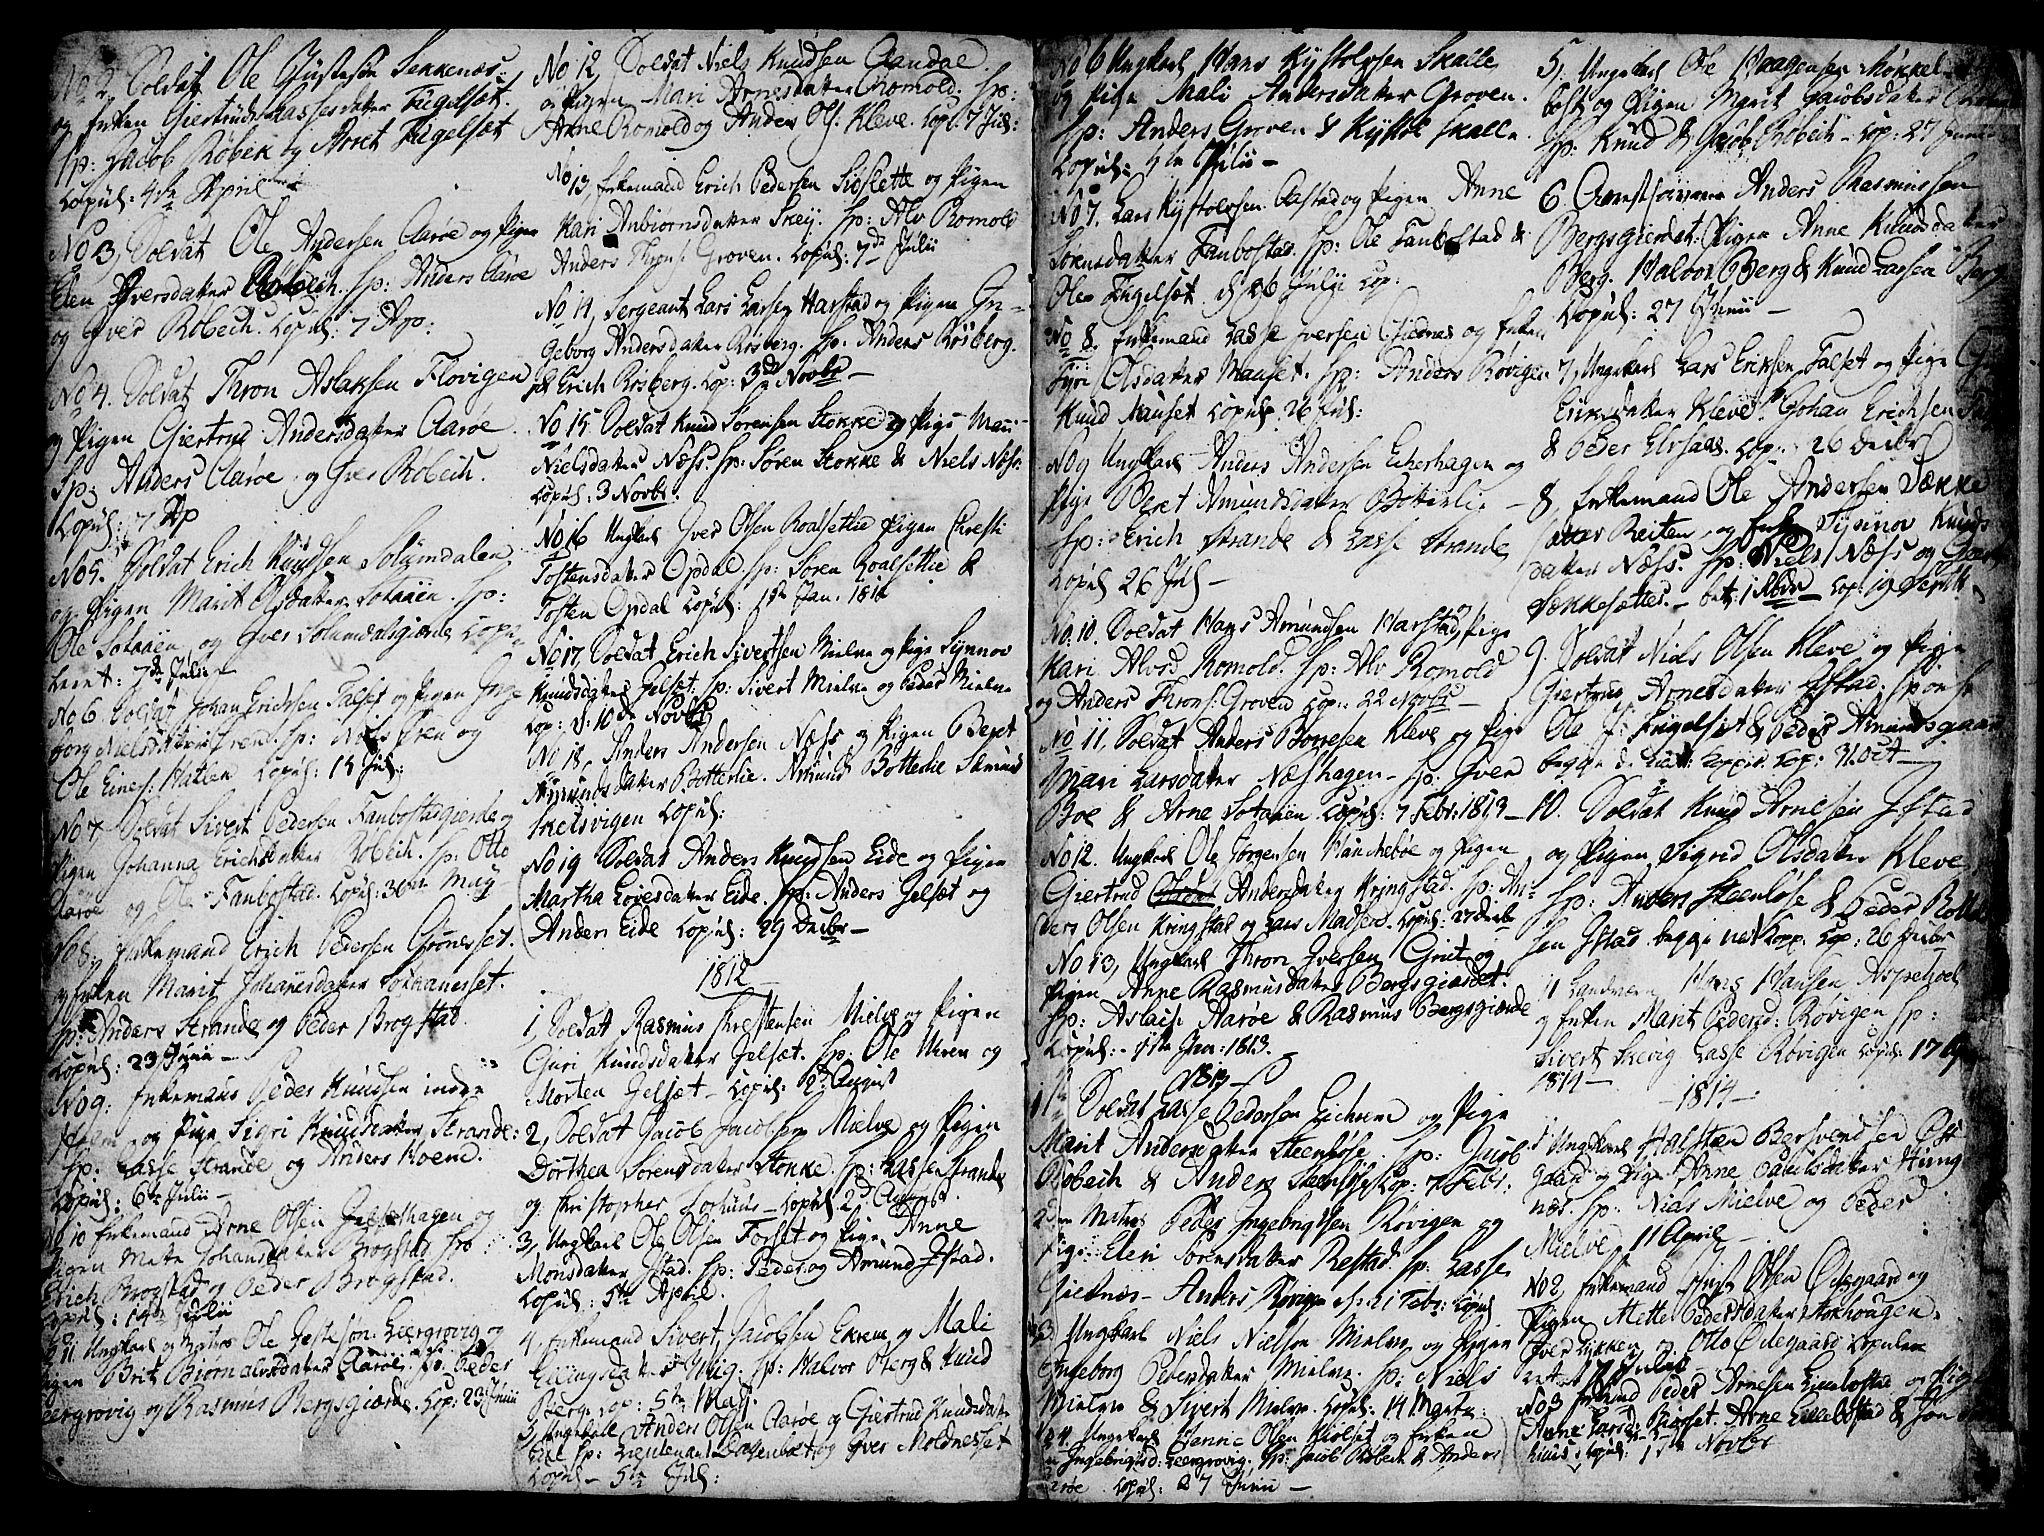 SAT, Ministerialprotokoller, klokkerbøker og fødselsregistre - Møre og Romsdal, 555/L0650: Ministerialbok nr. 555A02 /2, 1798-1821, s. 140